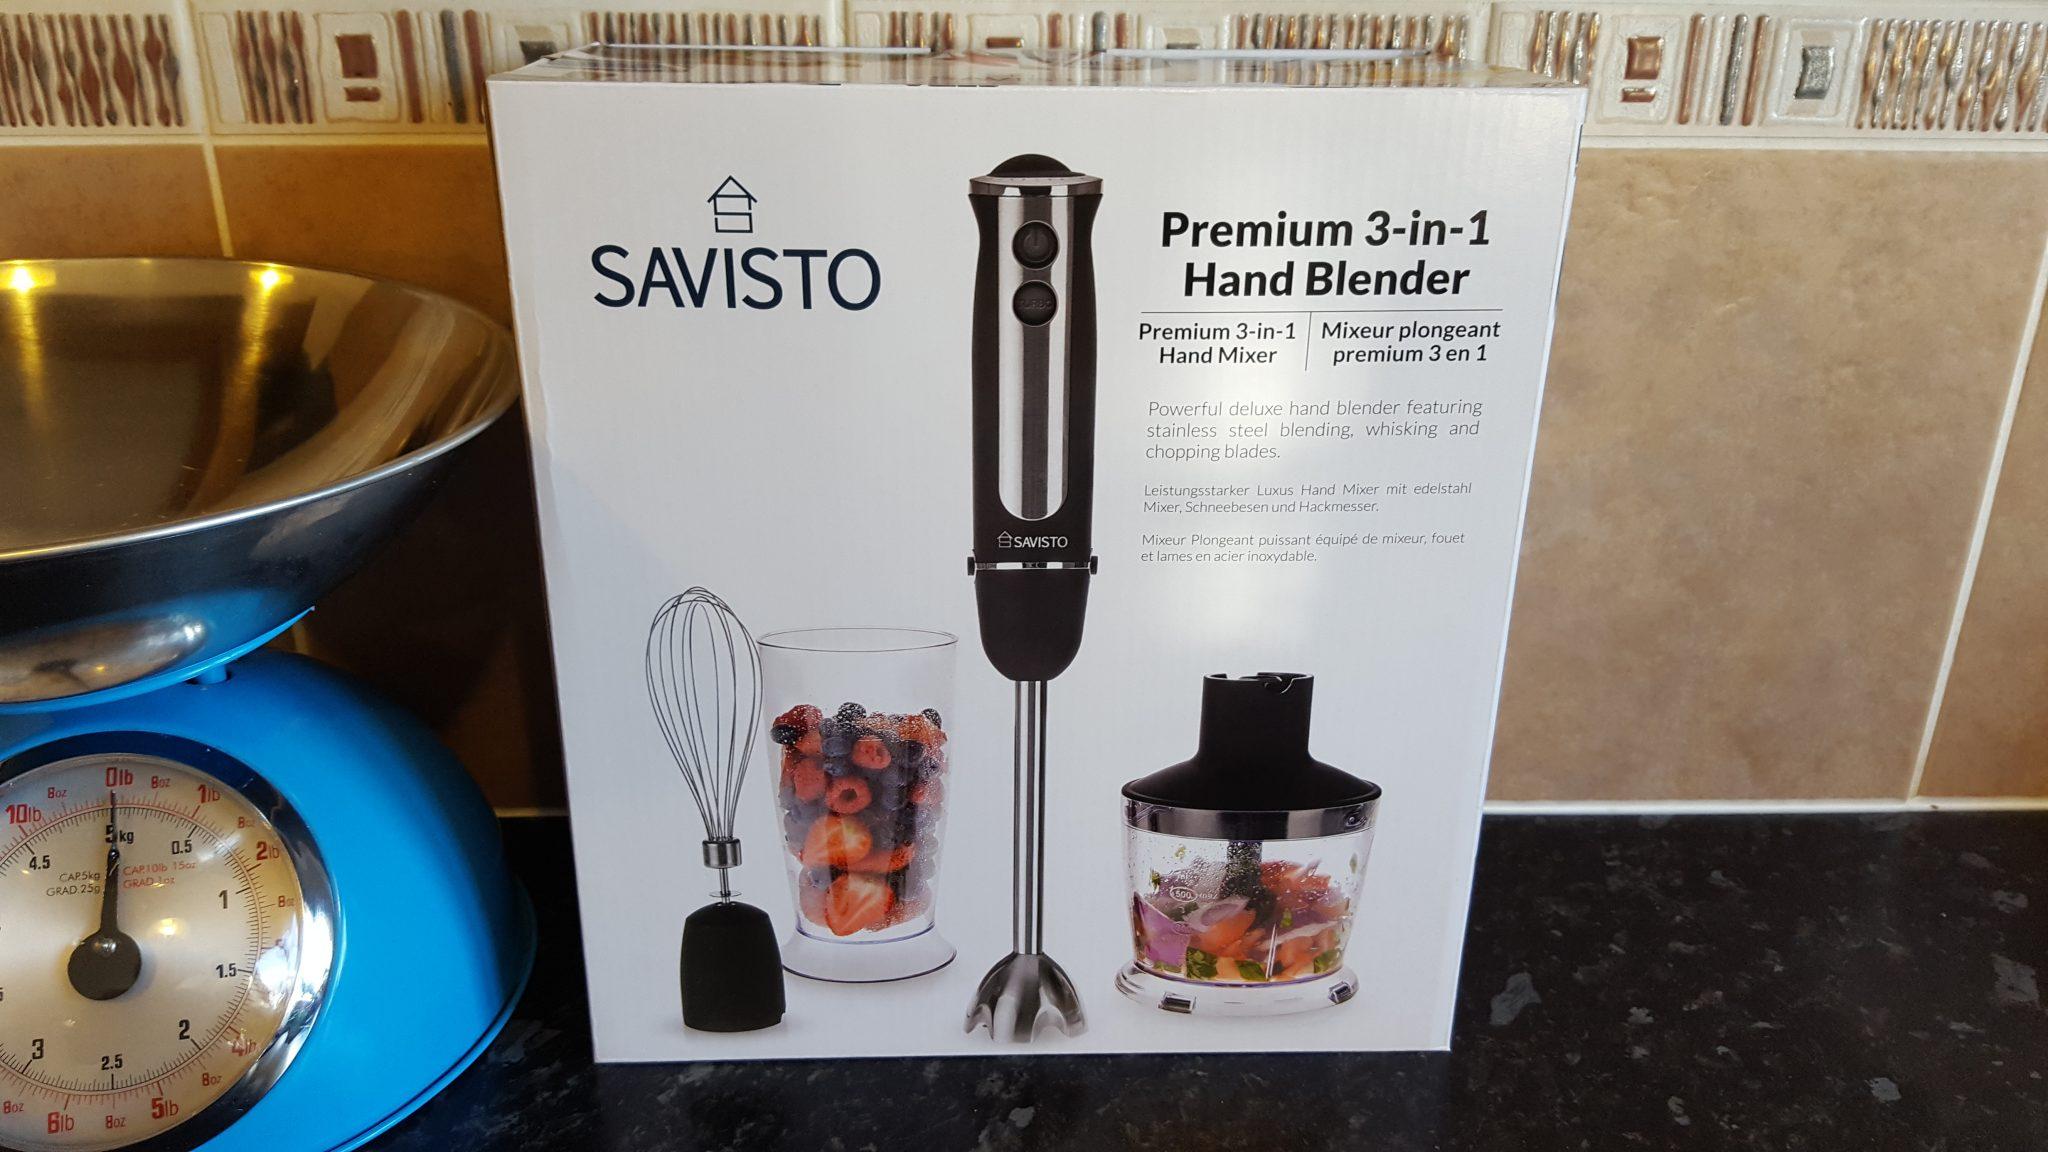 Savisto Premium 3 in 1 Hand Blender